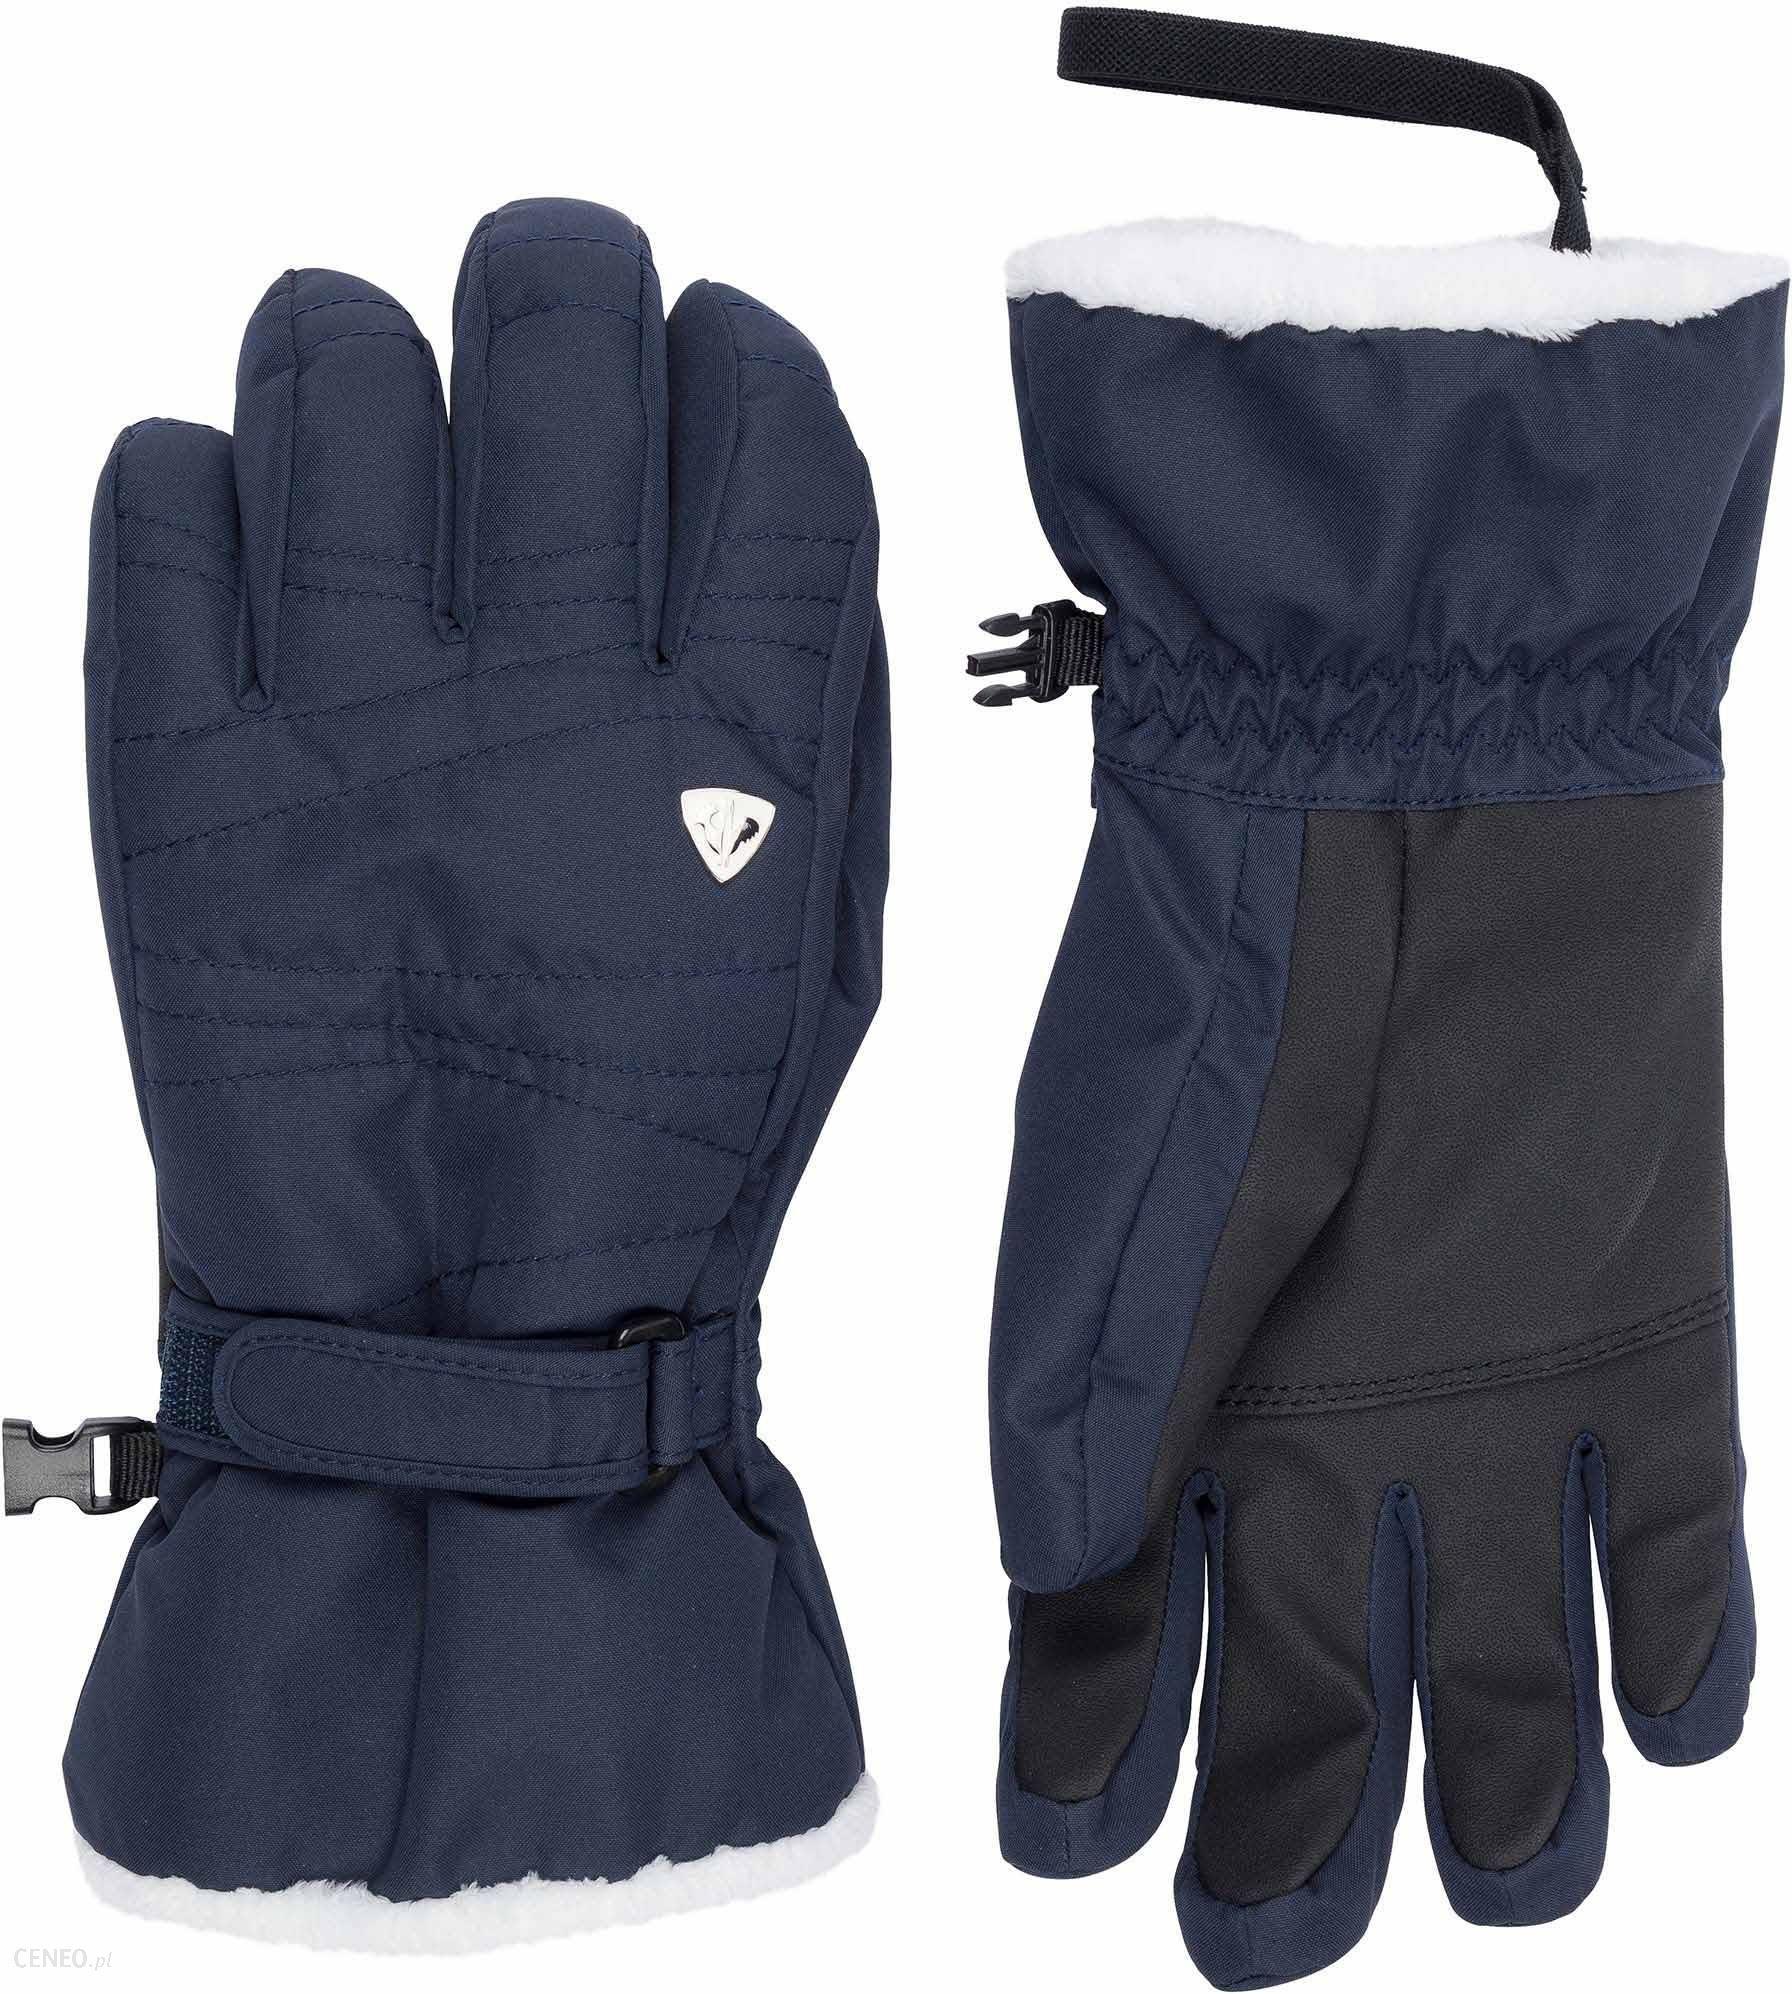 2f6a0075e Damskie rękawice GLORY RLHWG25_726 ROSSIGNOL - Ceny i opinie - Ceneo.pl